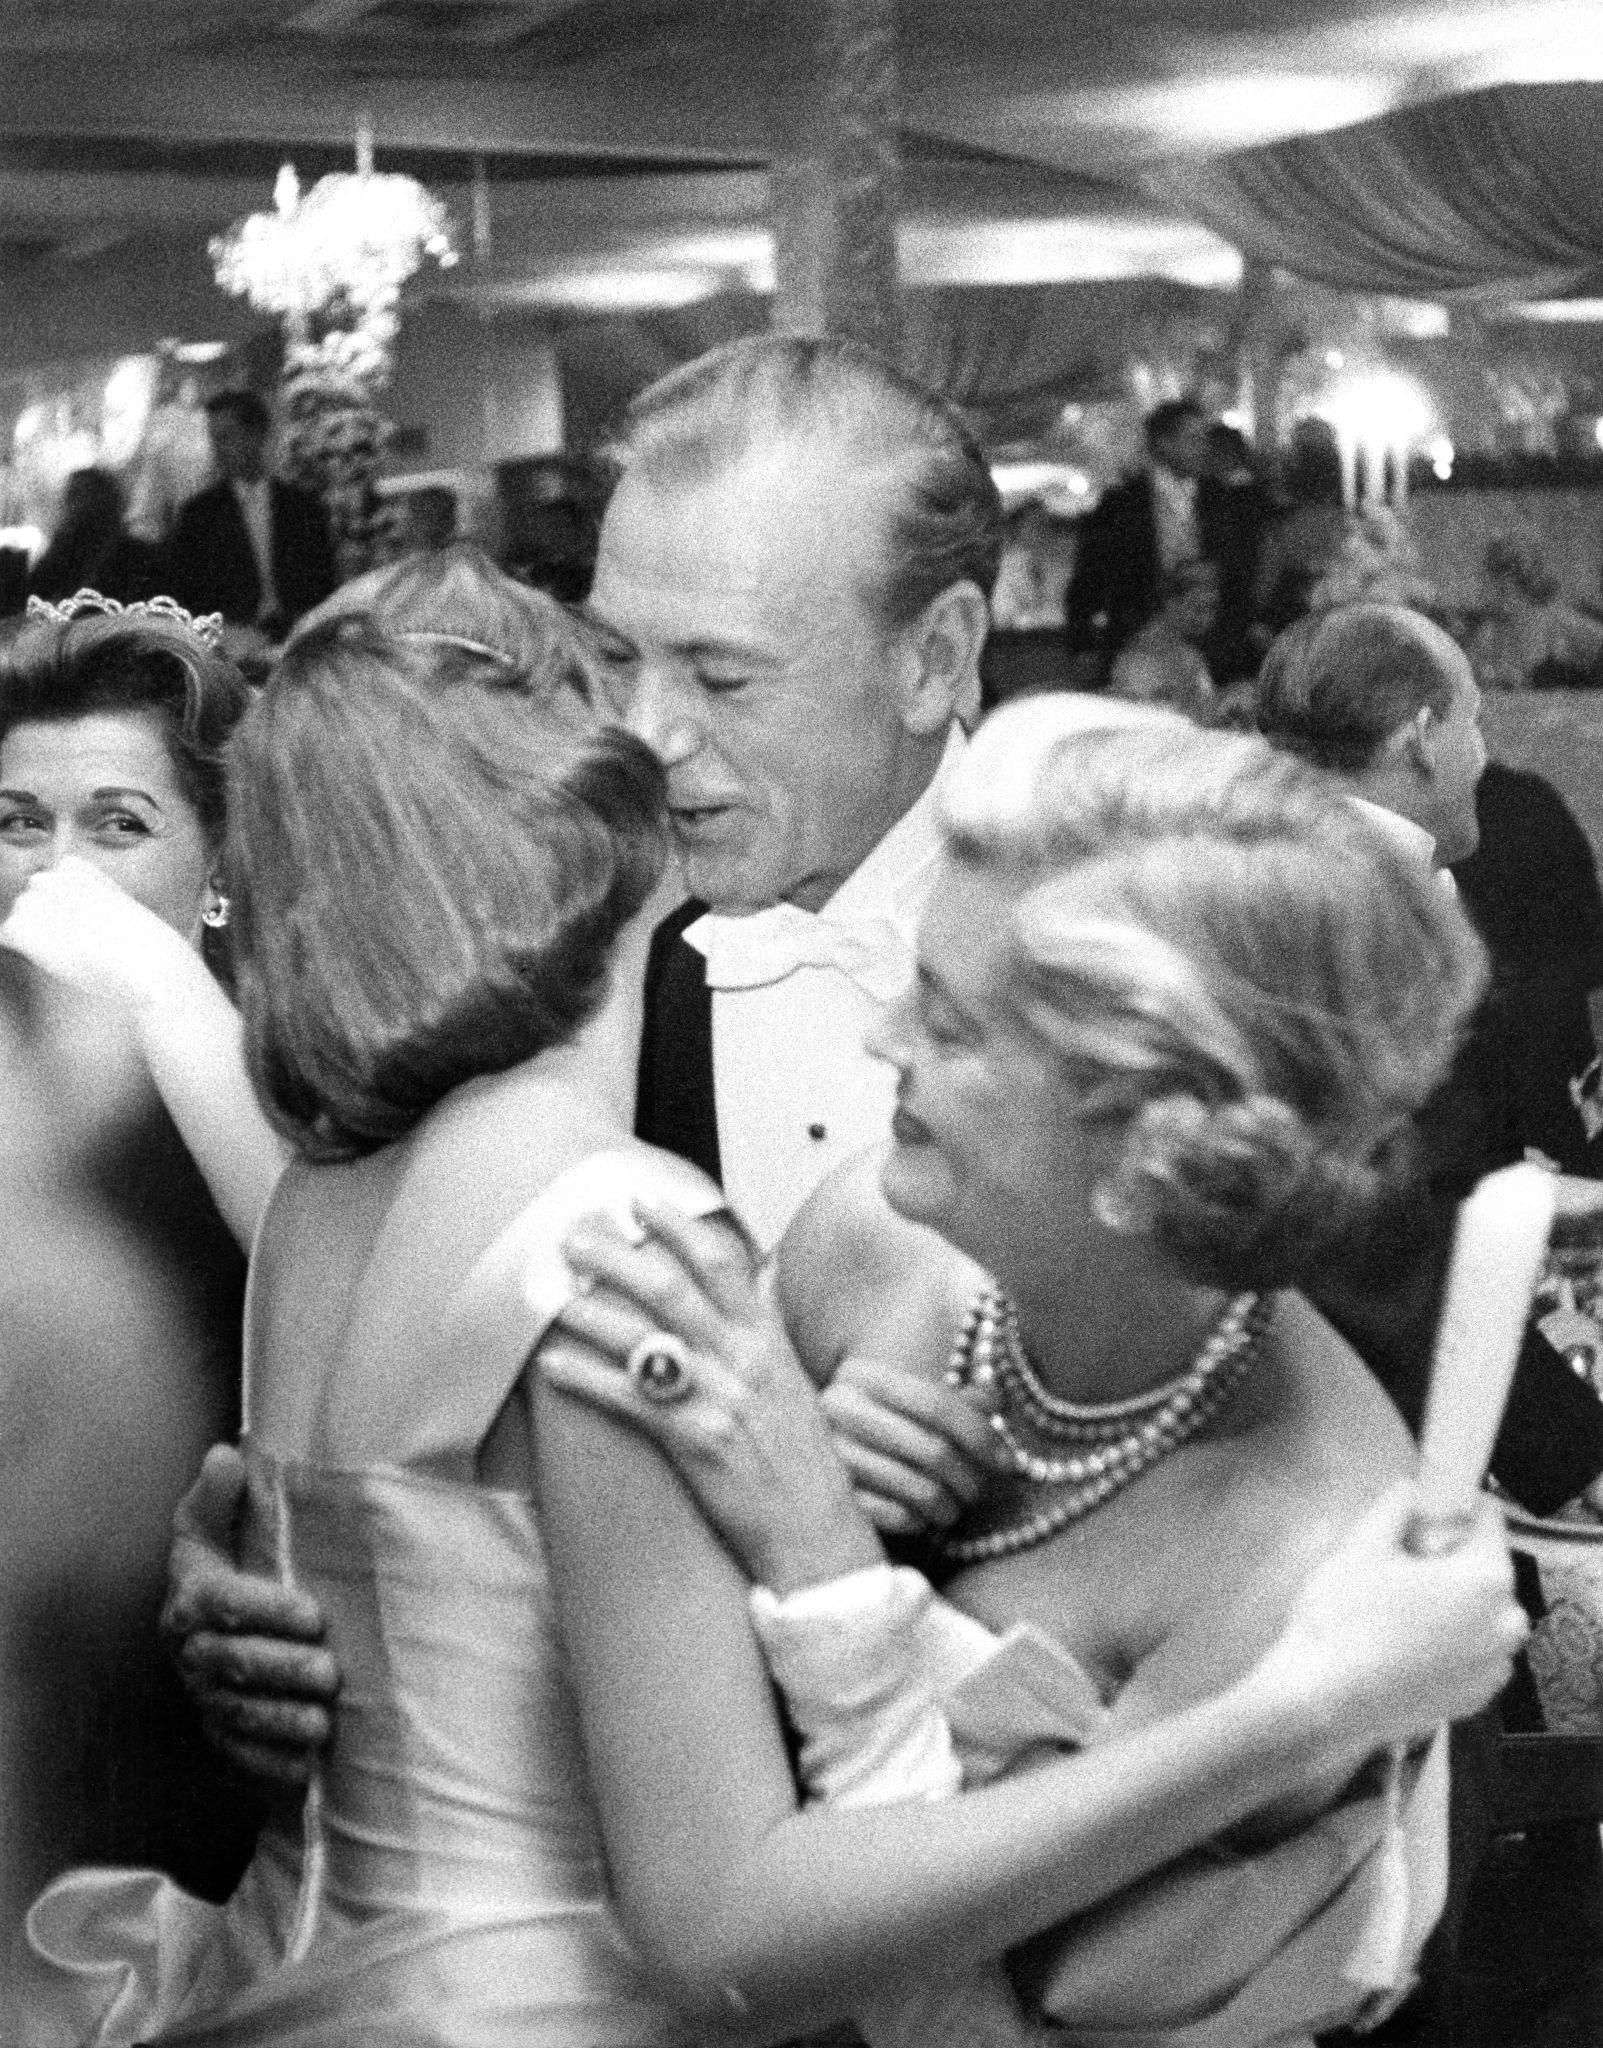 1957.  Гари Купер  со своей женой Вероникой Балф и дочерью Марией Купер на новогодней вечеринке в Романовых в Беверли-Хиллз, Калифорния, США, 31 дека…